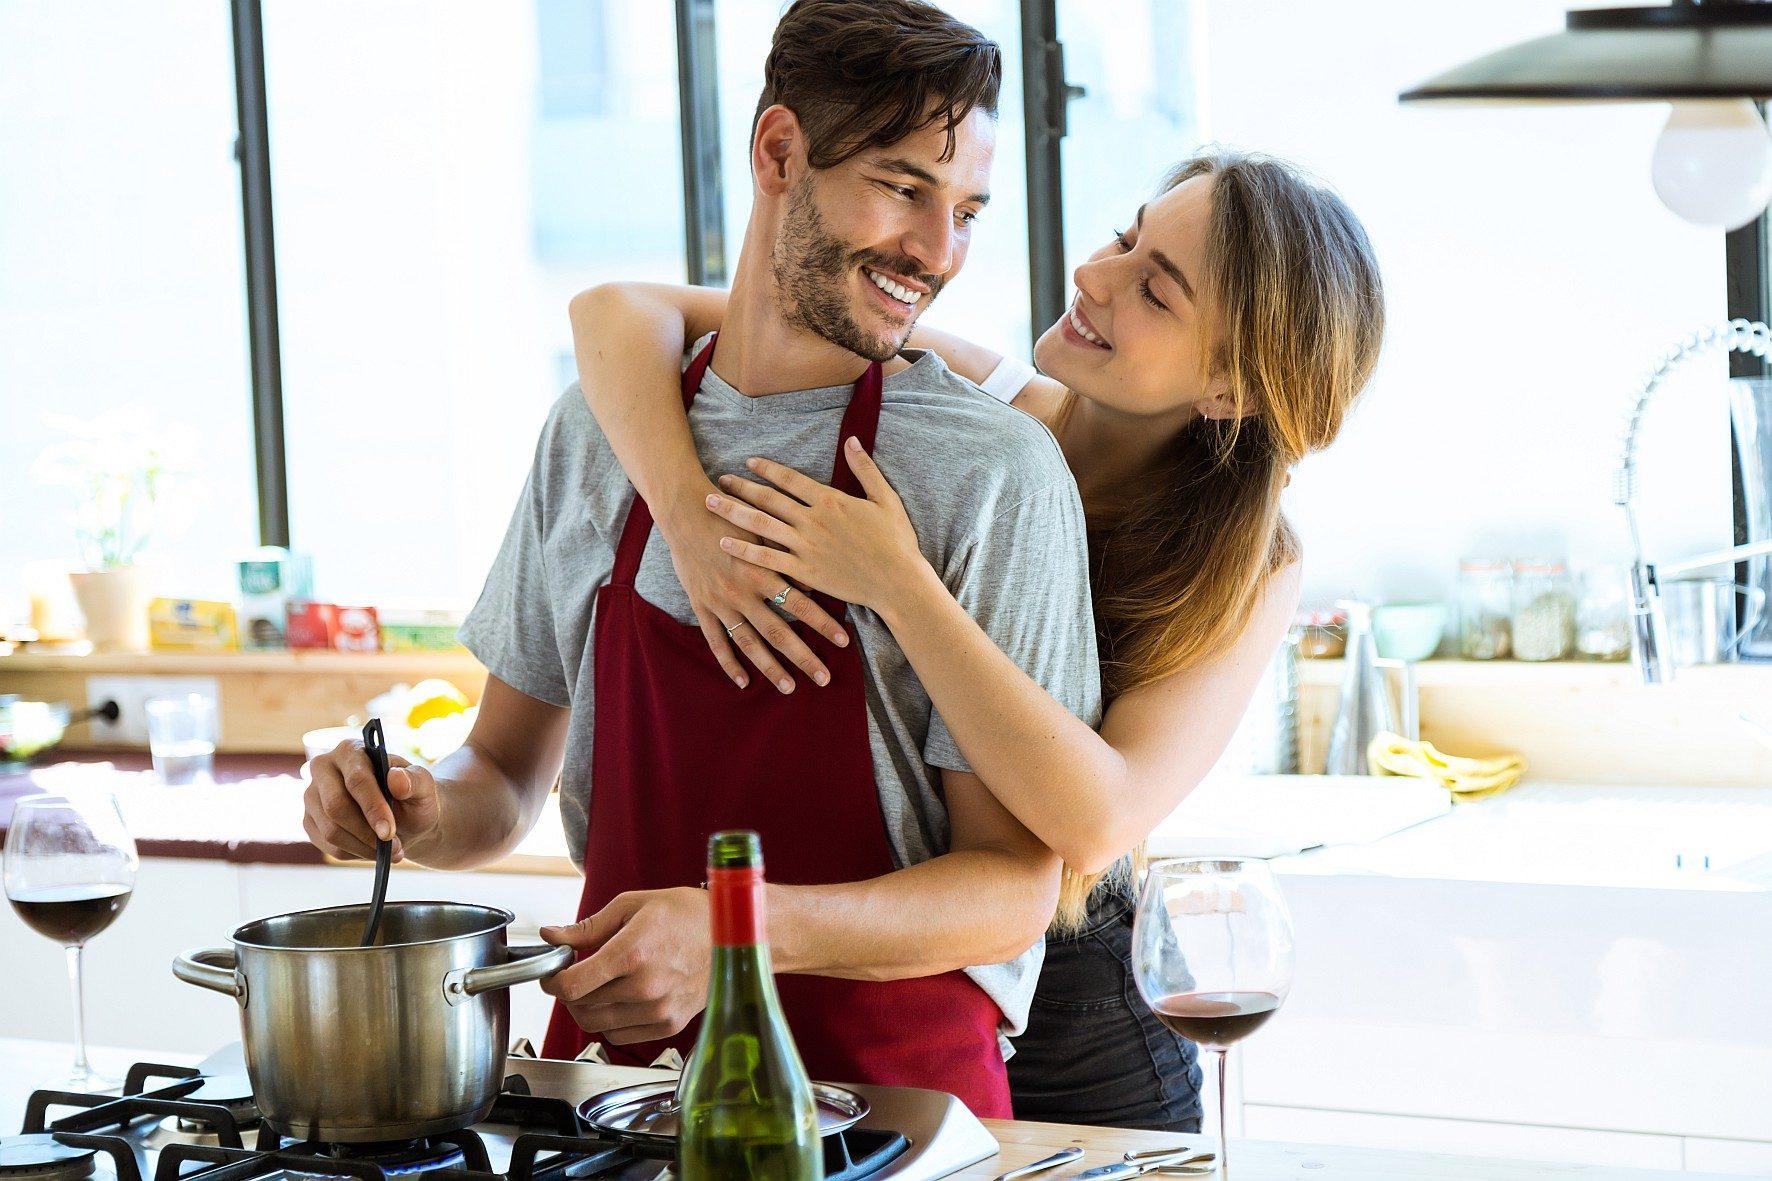 Jetzt ist es offiziell: Kochen ist beliebteste Haushaltstätigkeit